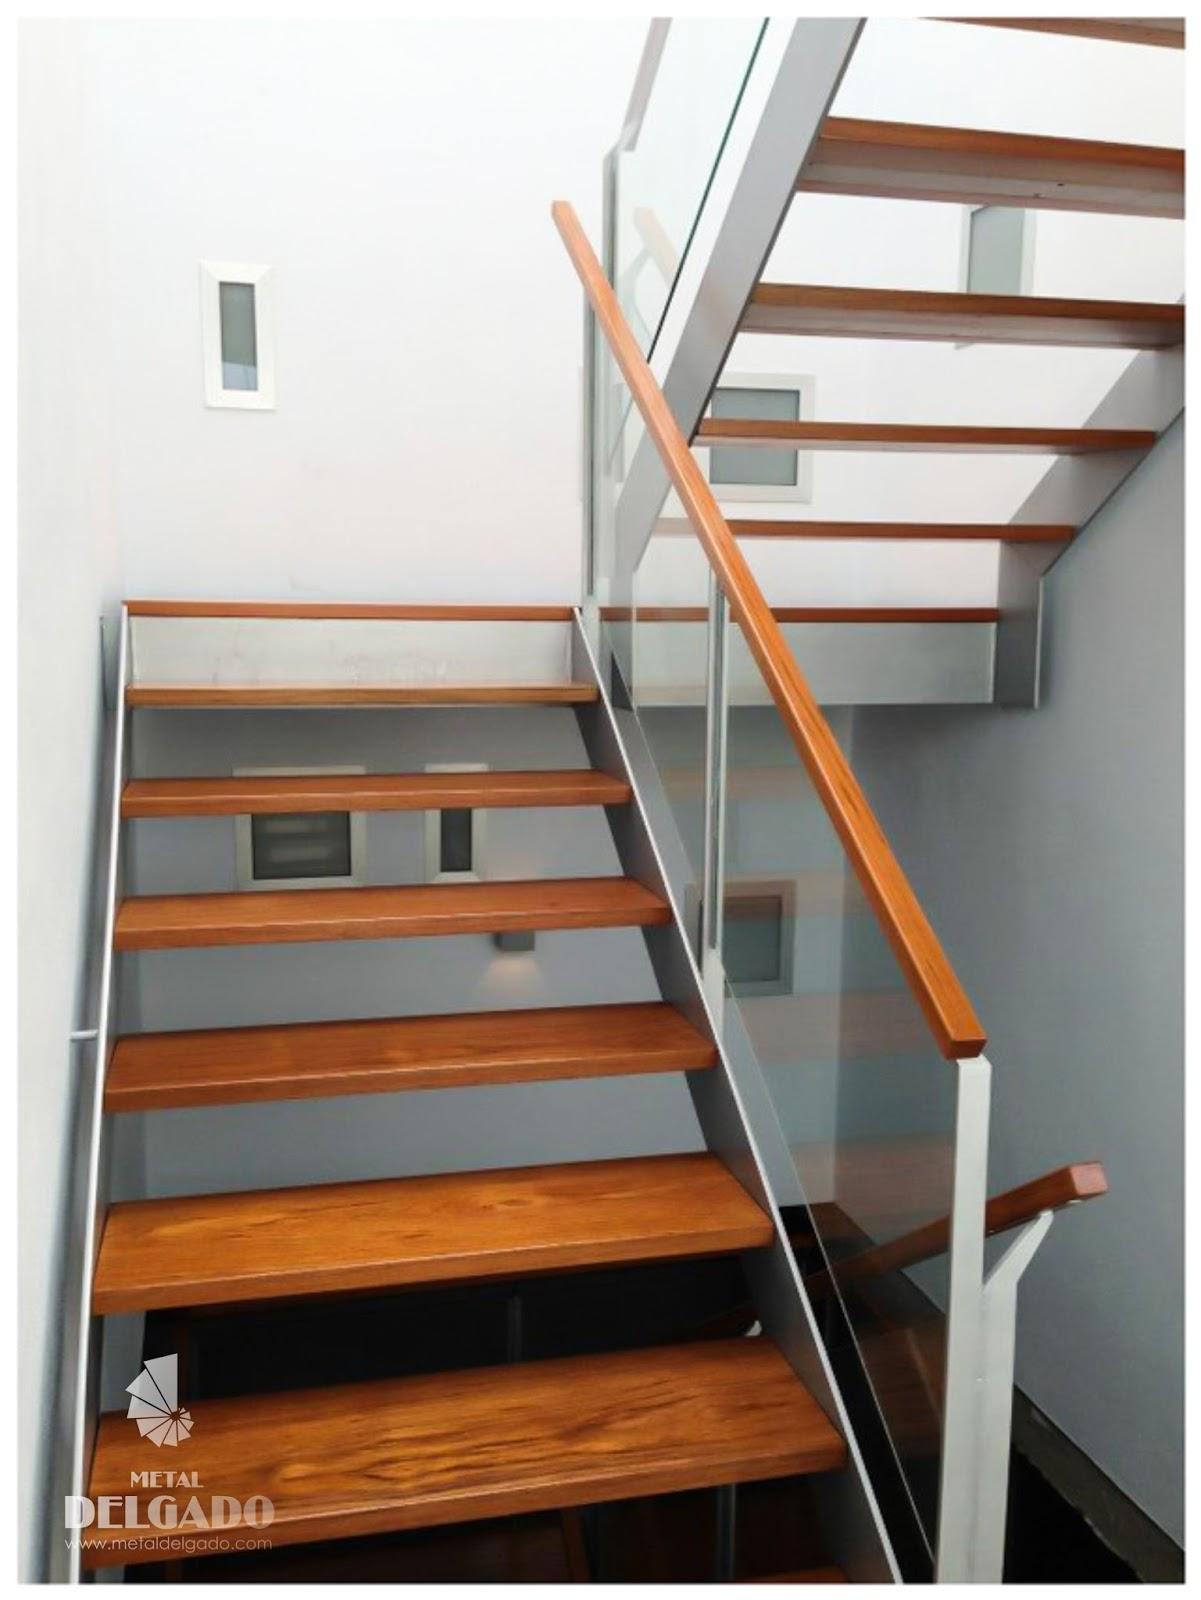 Acero inoxidable tenerife escaleras met licas tenerife - Escaleras diseno interior ...